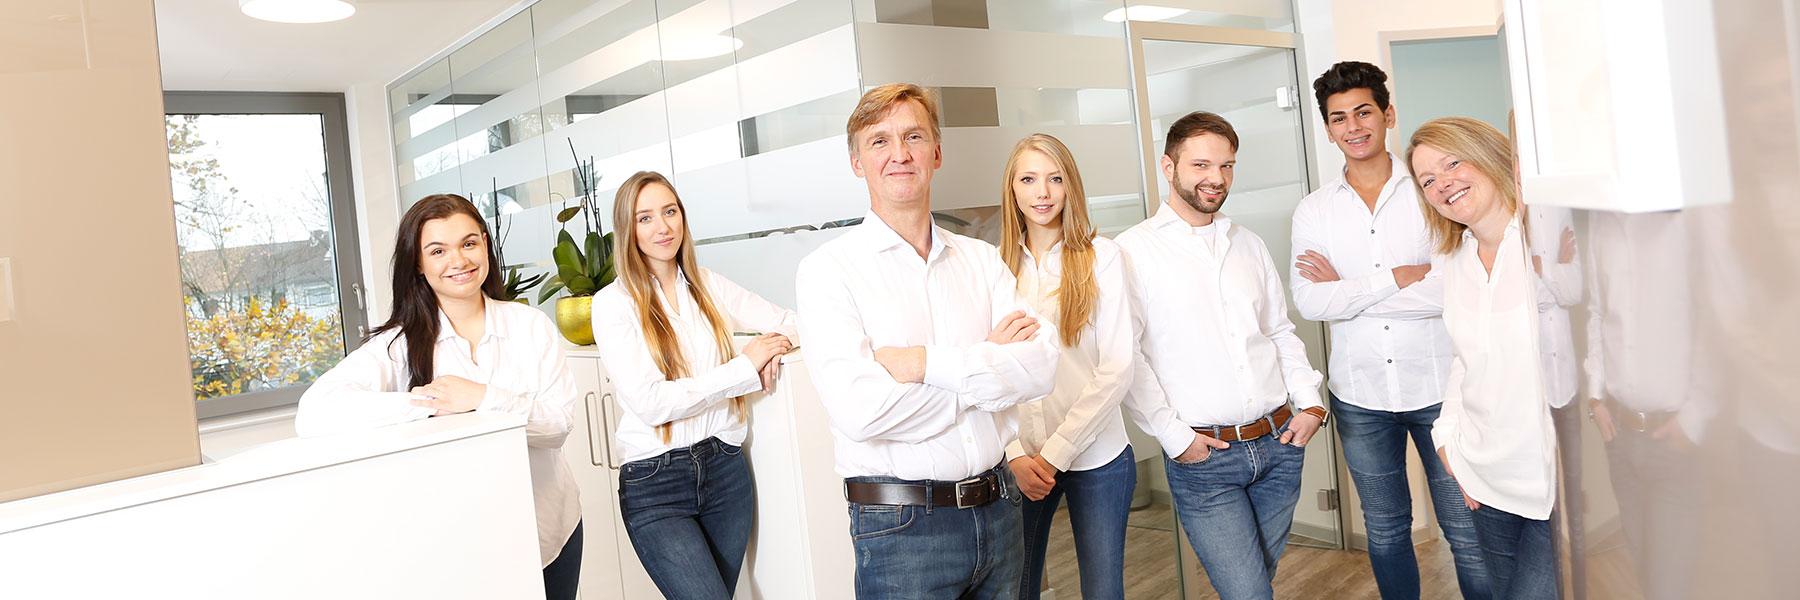 Experten für Zahnimplantate Langenhagen: Zahnarzt Uwe Prins & Team.